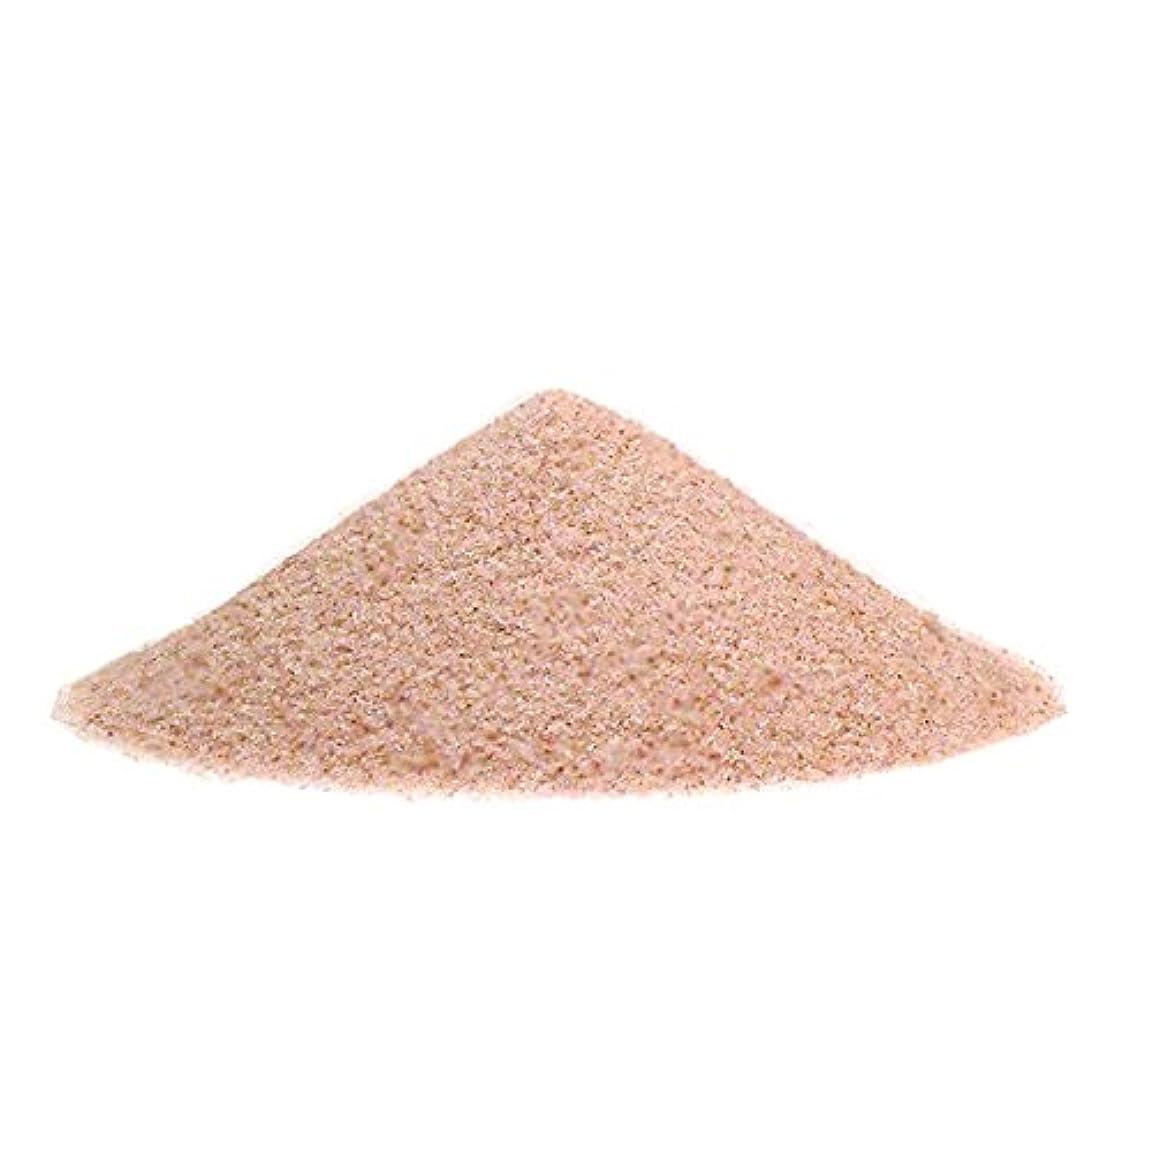 メアリアンジョーンズ金銭的なロッジヒマラヤ岩塩 ピンクソルト 入浴用 バスソルト(微粒パウダー)5kg ピンク岩塩